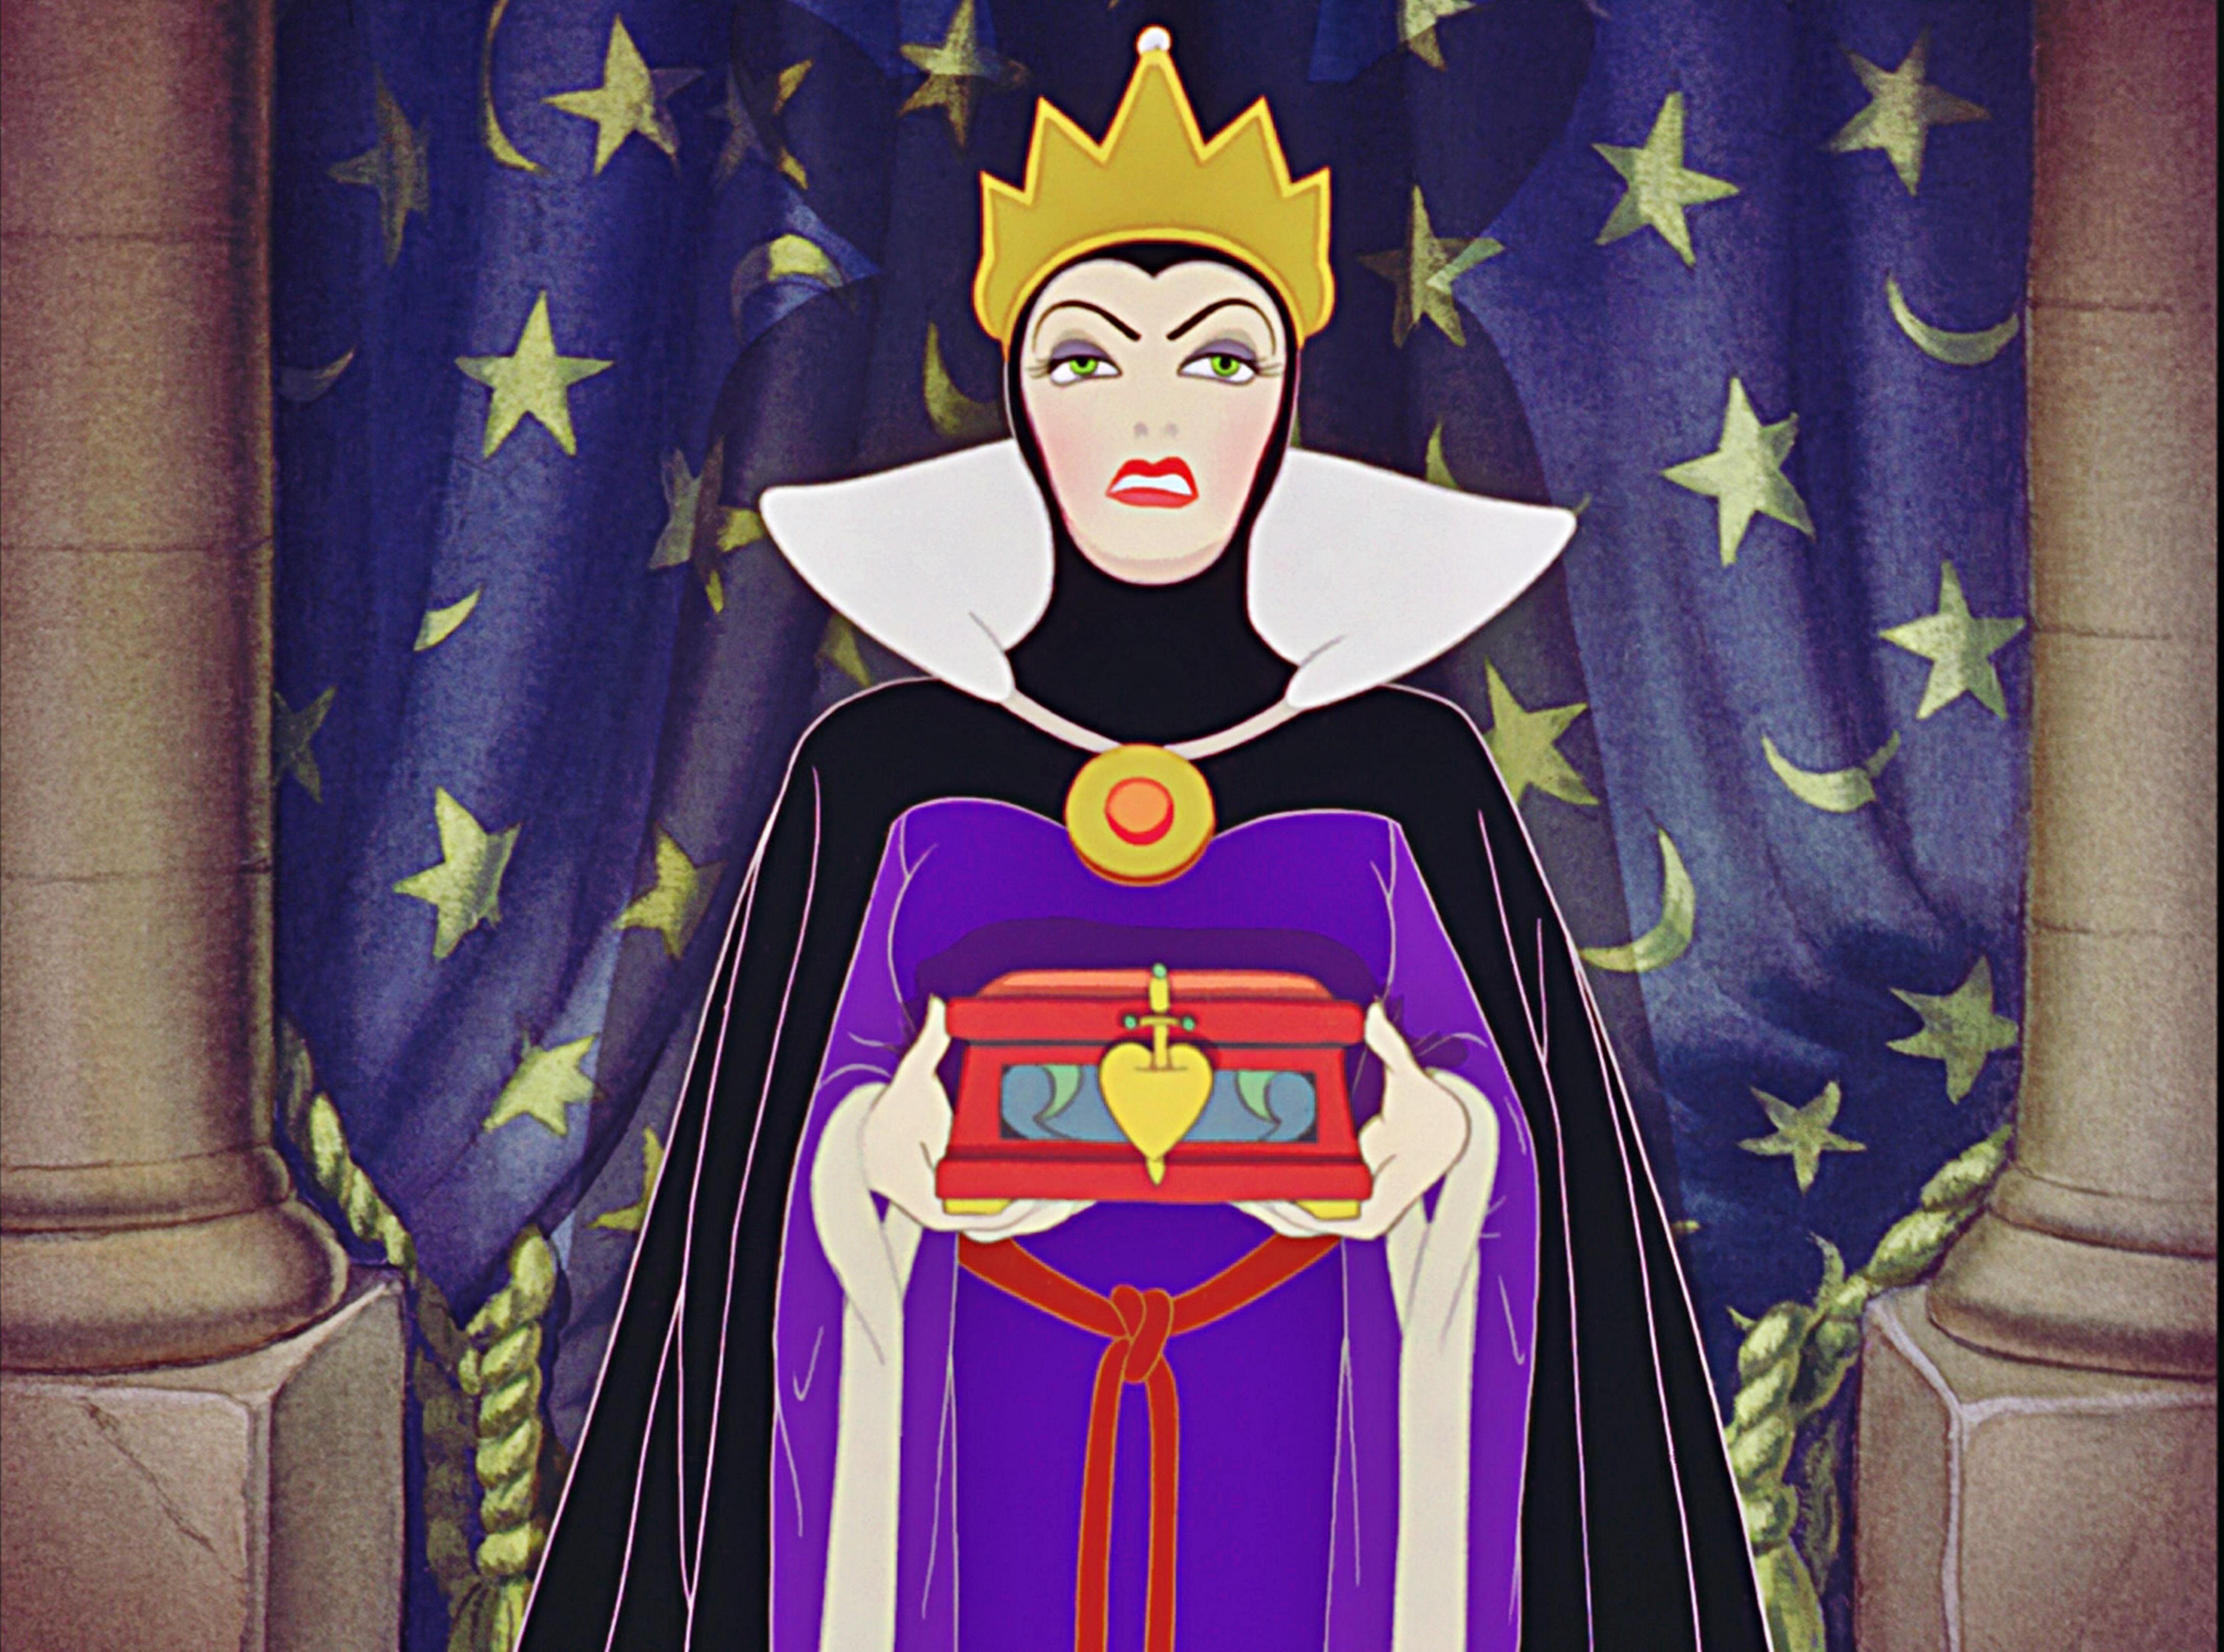 Most evil disney princess villains vote for the most evil - Evil queen disney ...